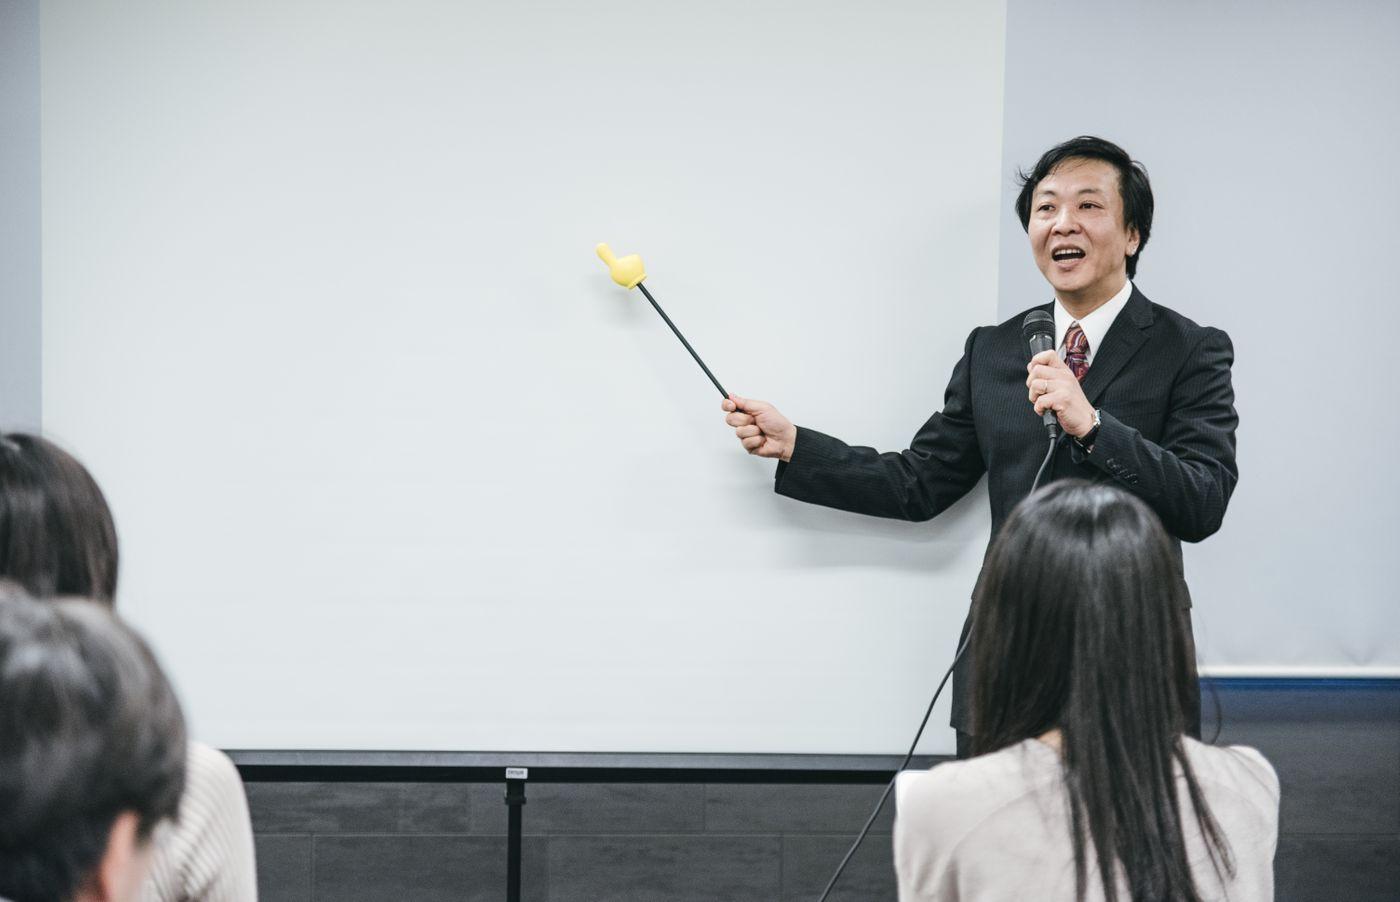 ホワイトボードを見ながら登壇するセミナー講師の写真